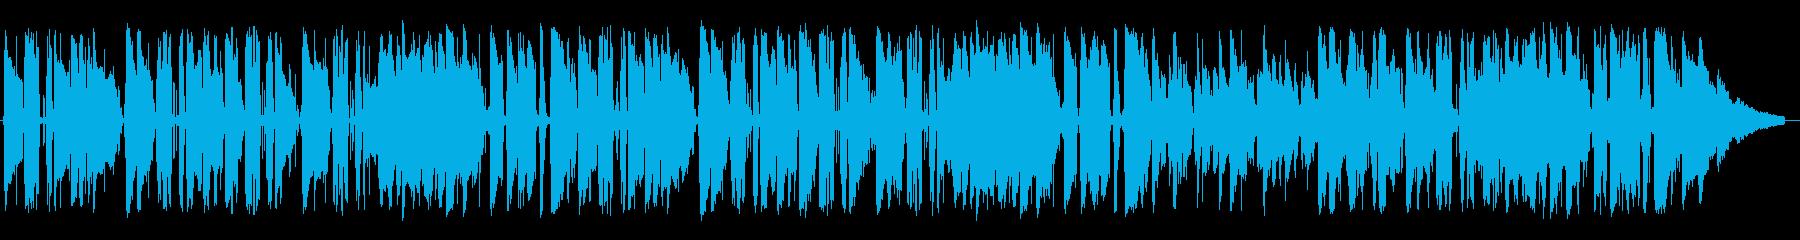 シネマティック サスペンス ハイテ...の再生済みの波形